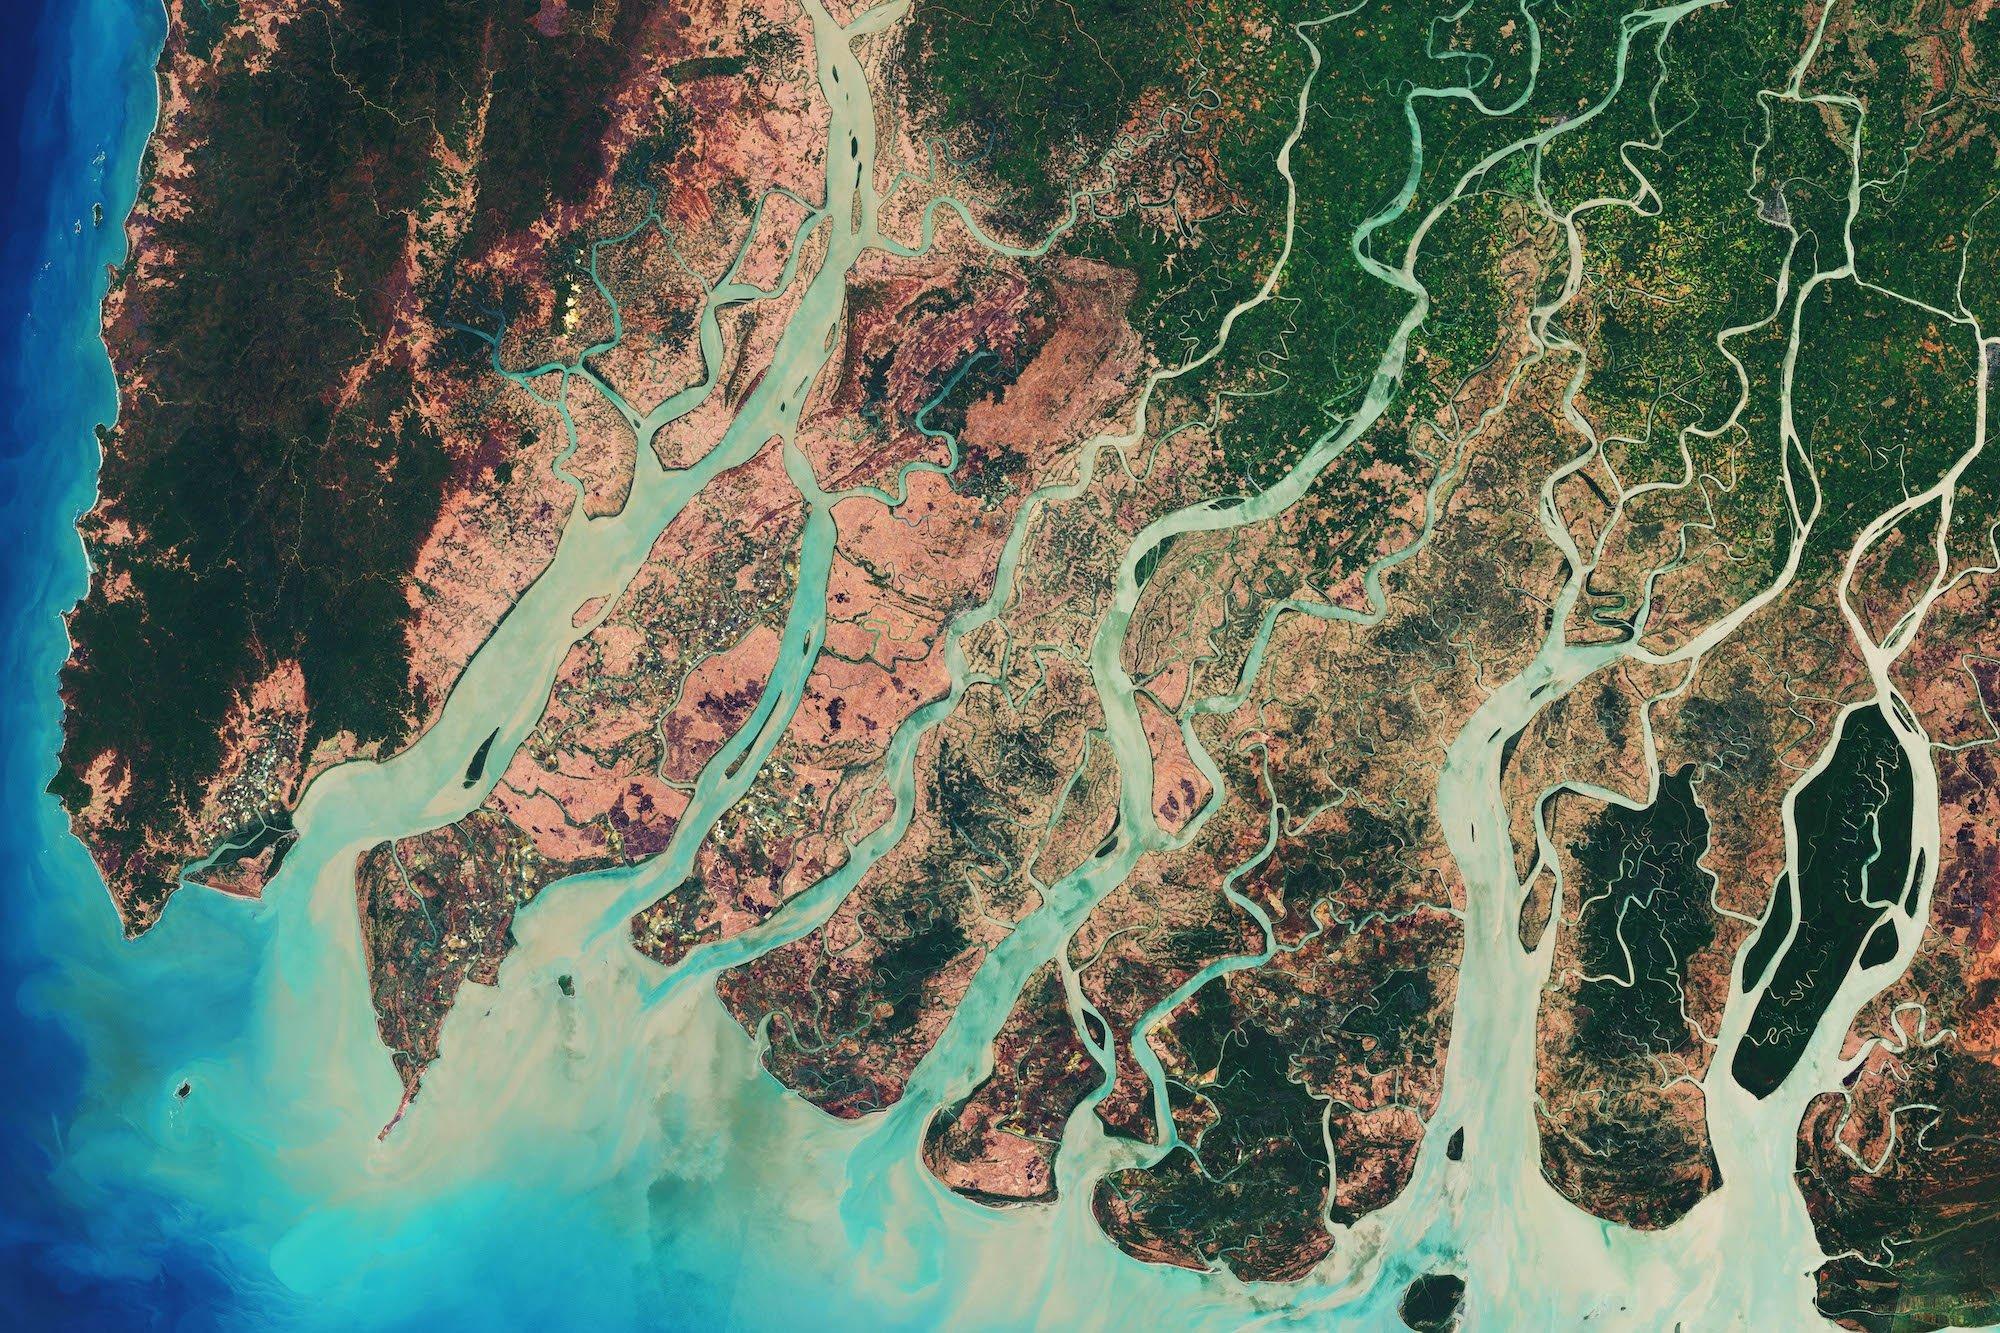 Fractal River Delta